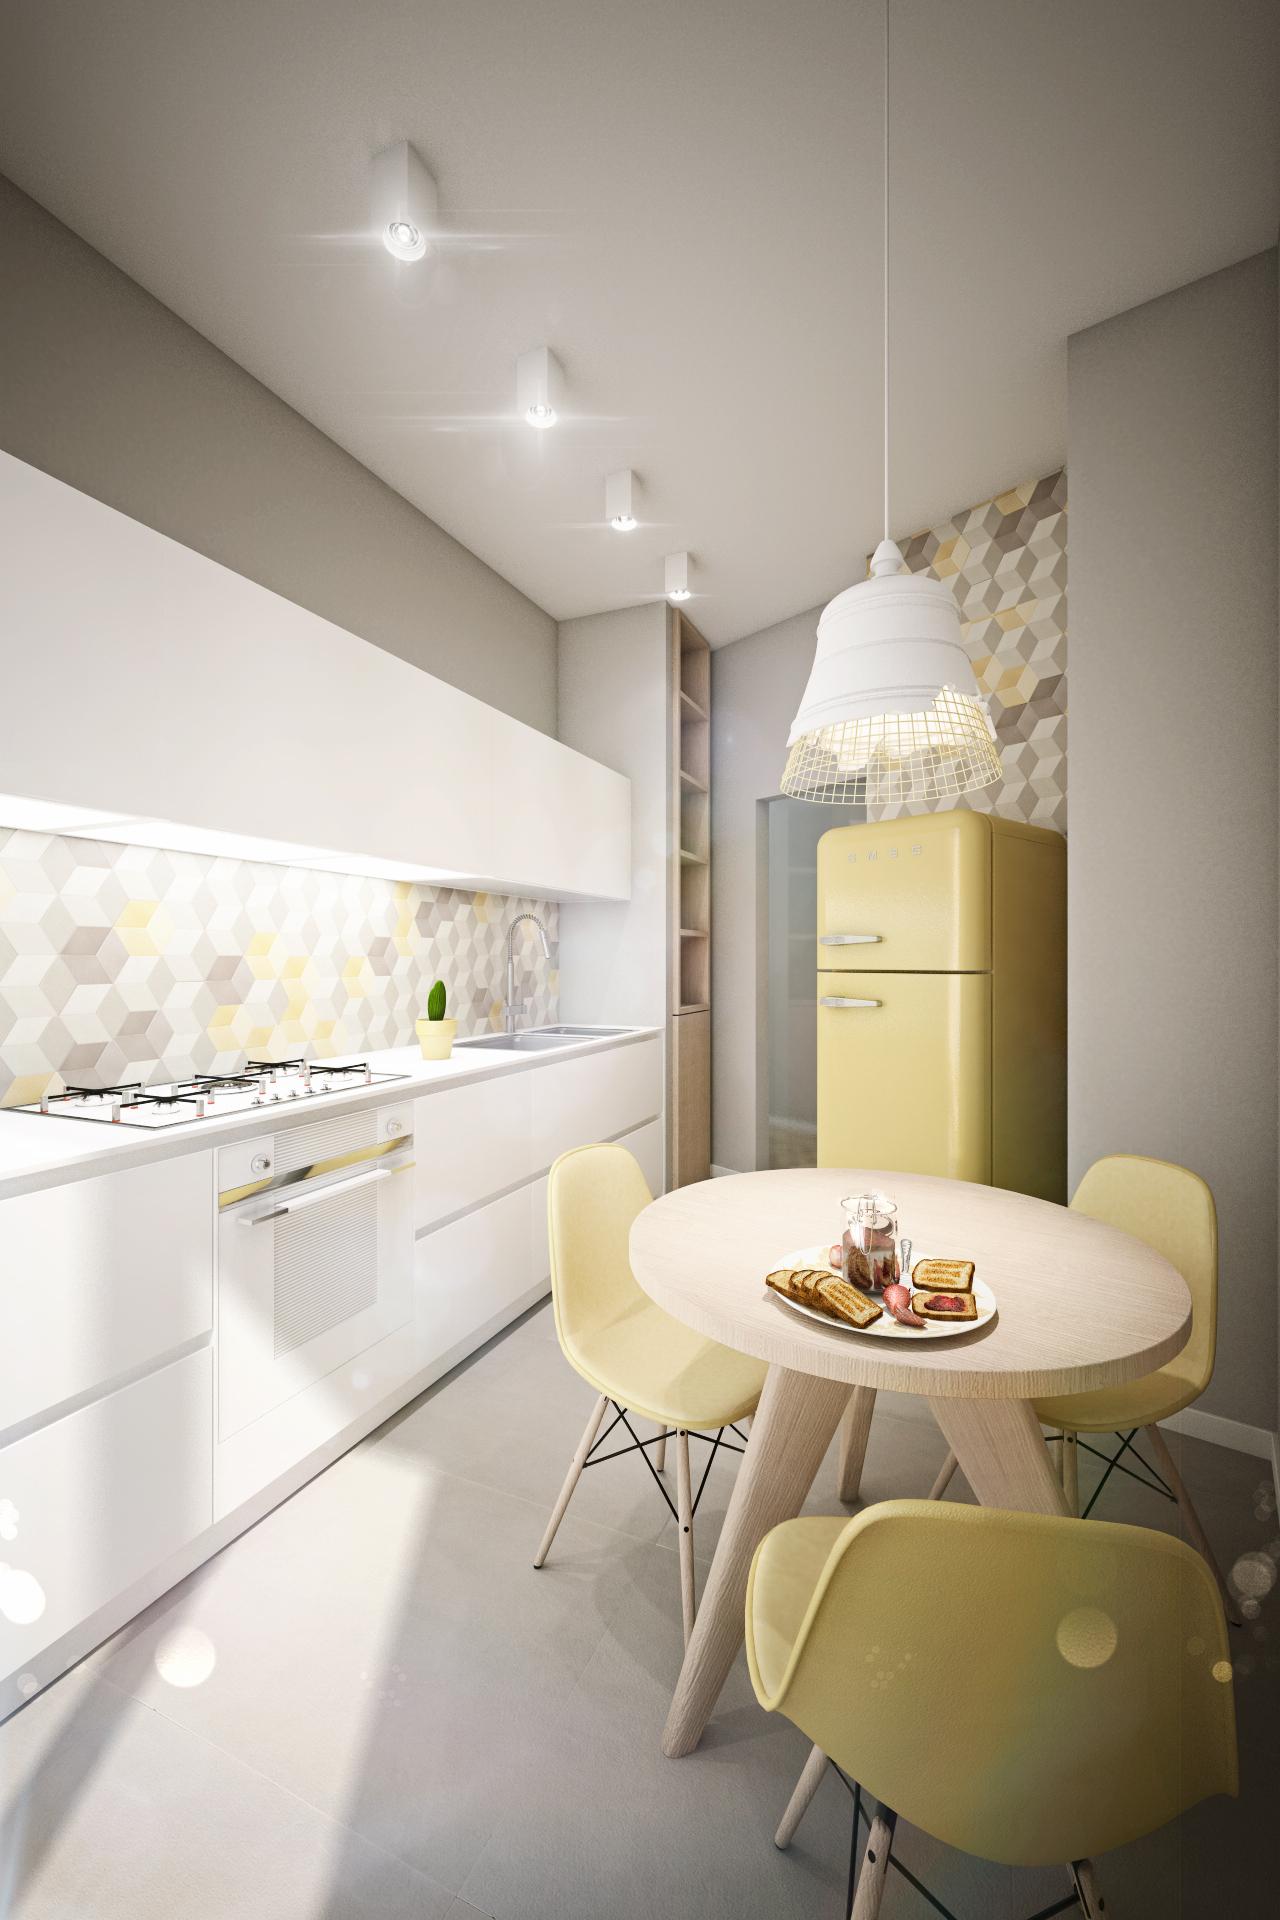 Дизайн квартиры в пастельных тонах: кухня